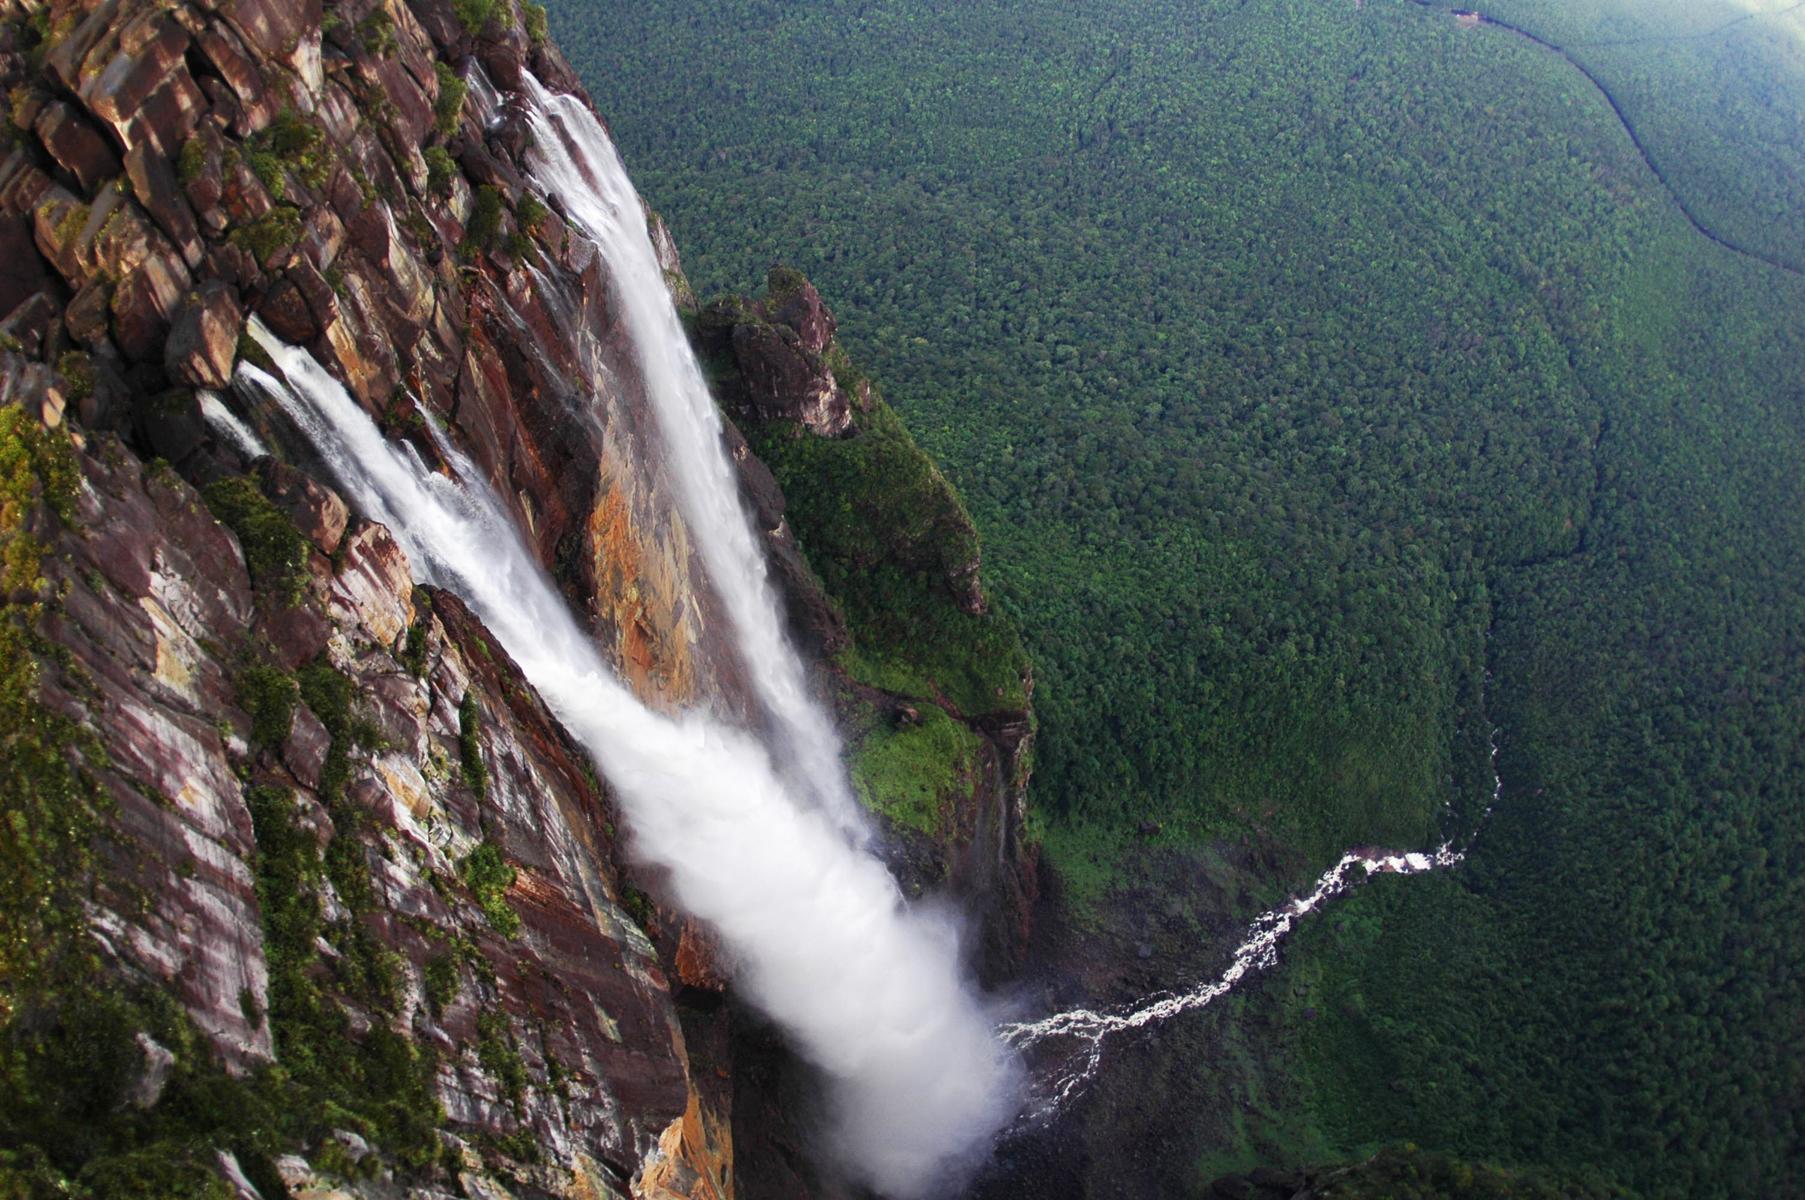 la biodiversidad del amazonas surgi u00f3 con temperaturas m u00e1s altas    noticias    sinc